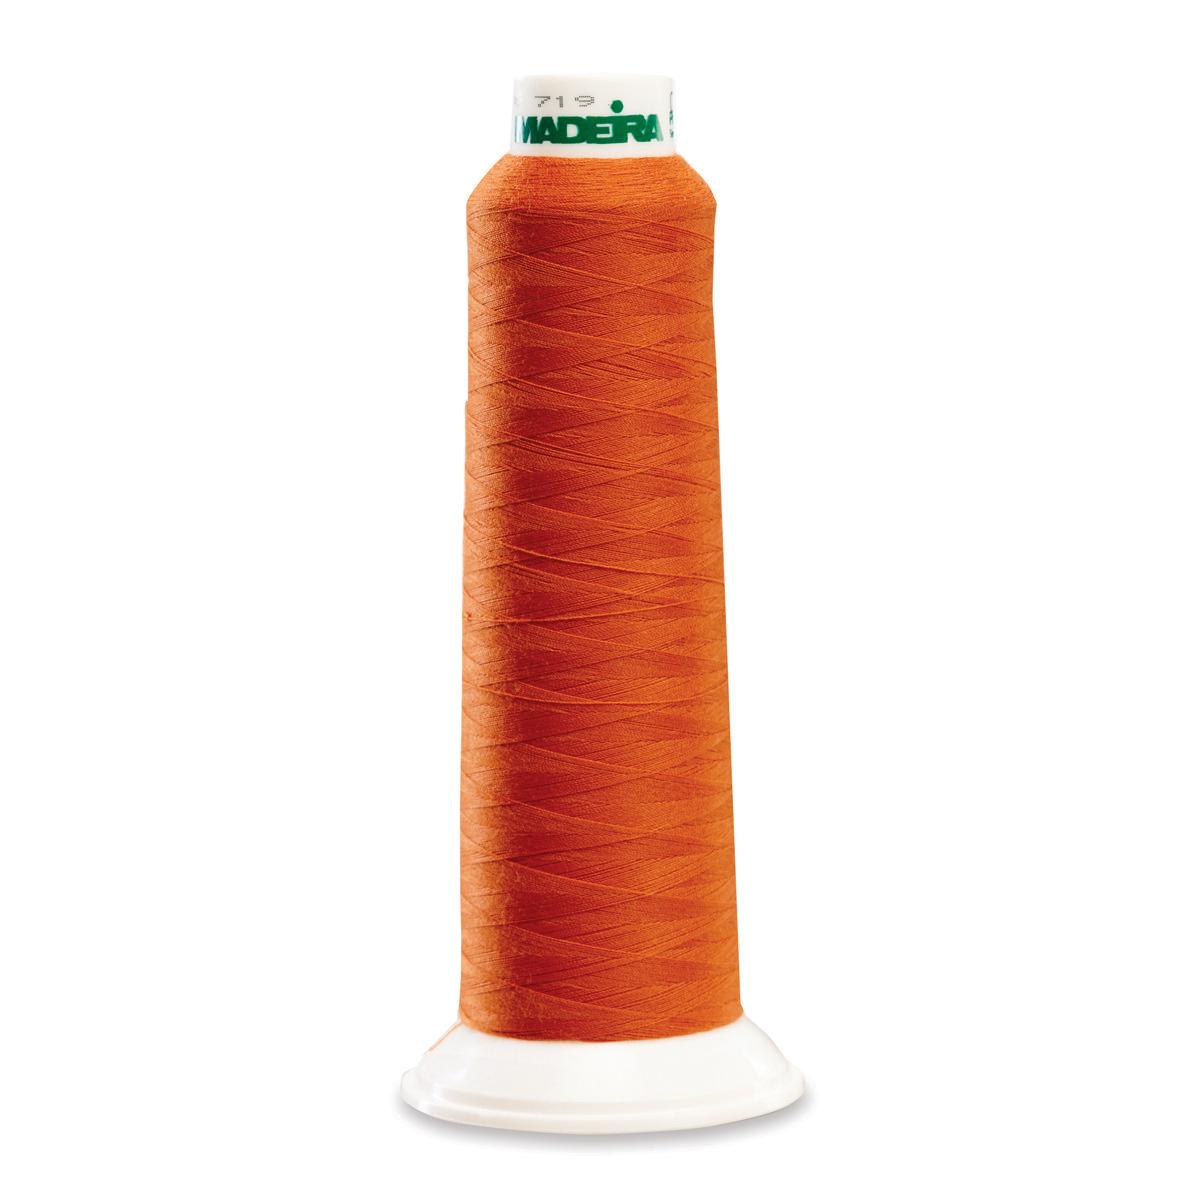 8651 Pumpkin Poly Serger Thread Madeira Aerolock